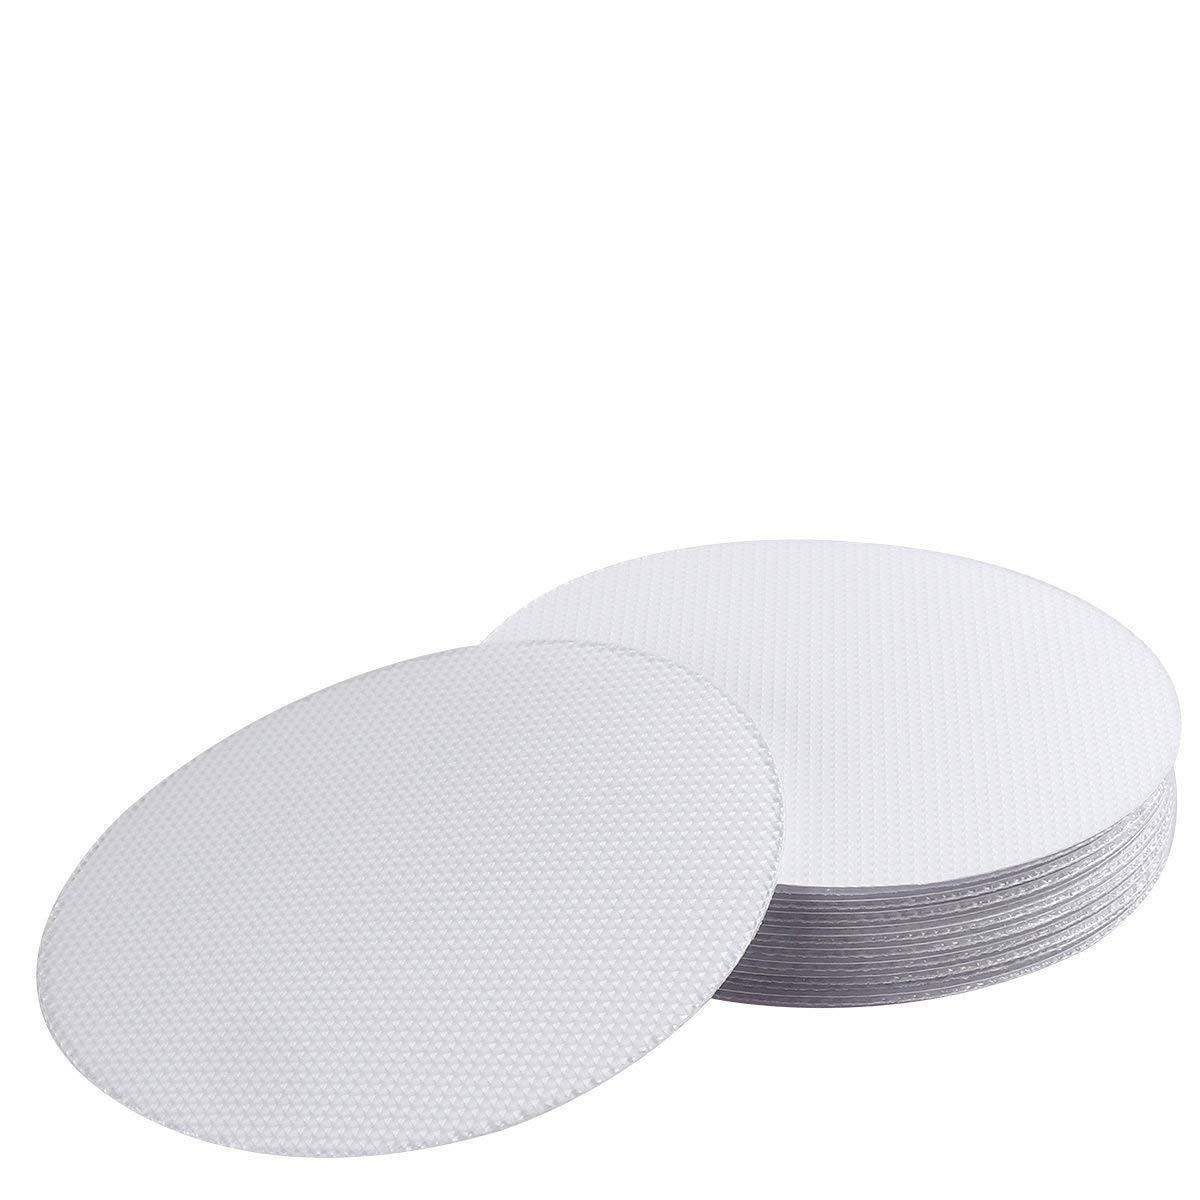 SEALEN Inserti antiscivolo di sicurezza per doccia adesivo antiscivolo dischi nastro antiscivolo adesivi per vasca da bagno e doccia, 20pezzi Bath Safe Tape